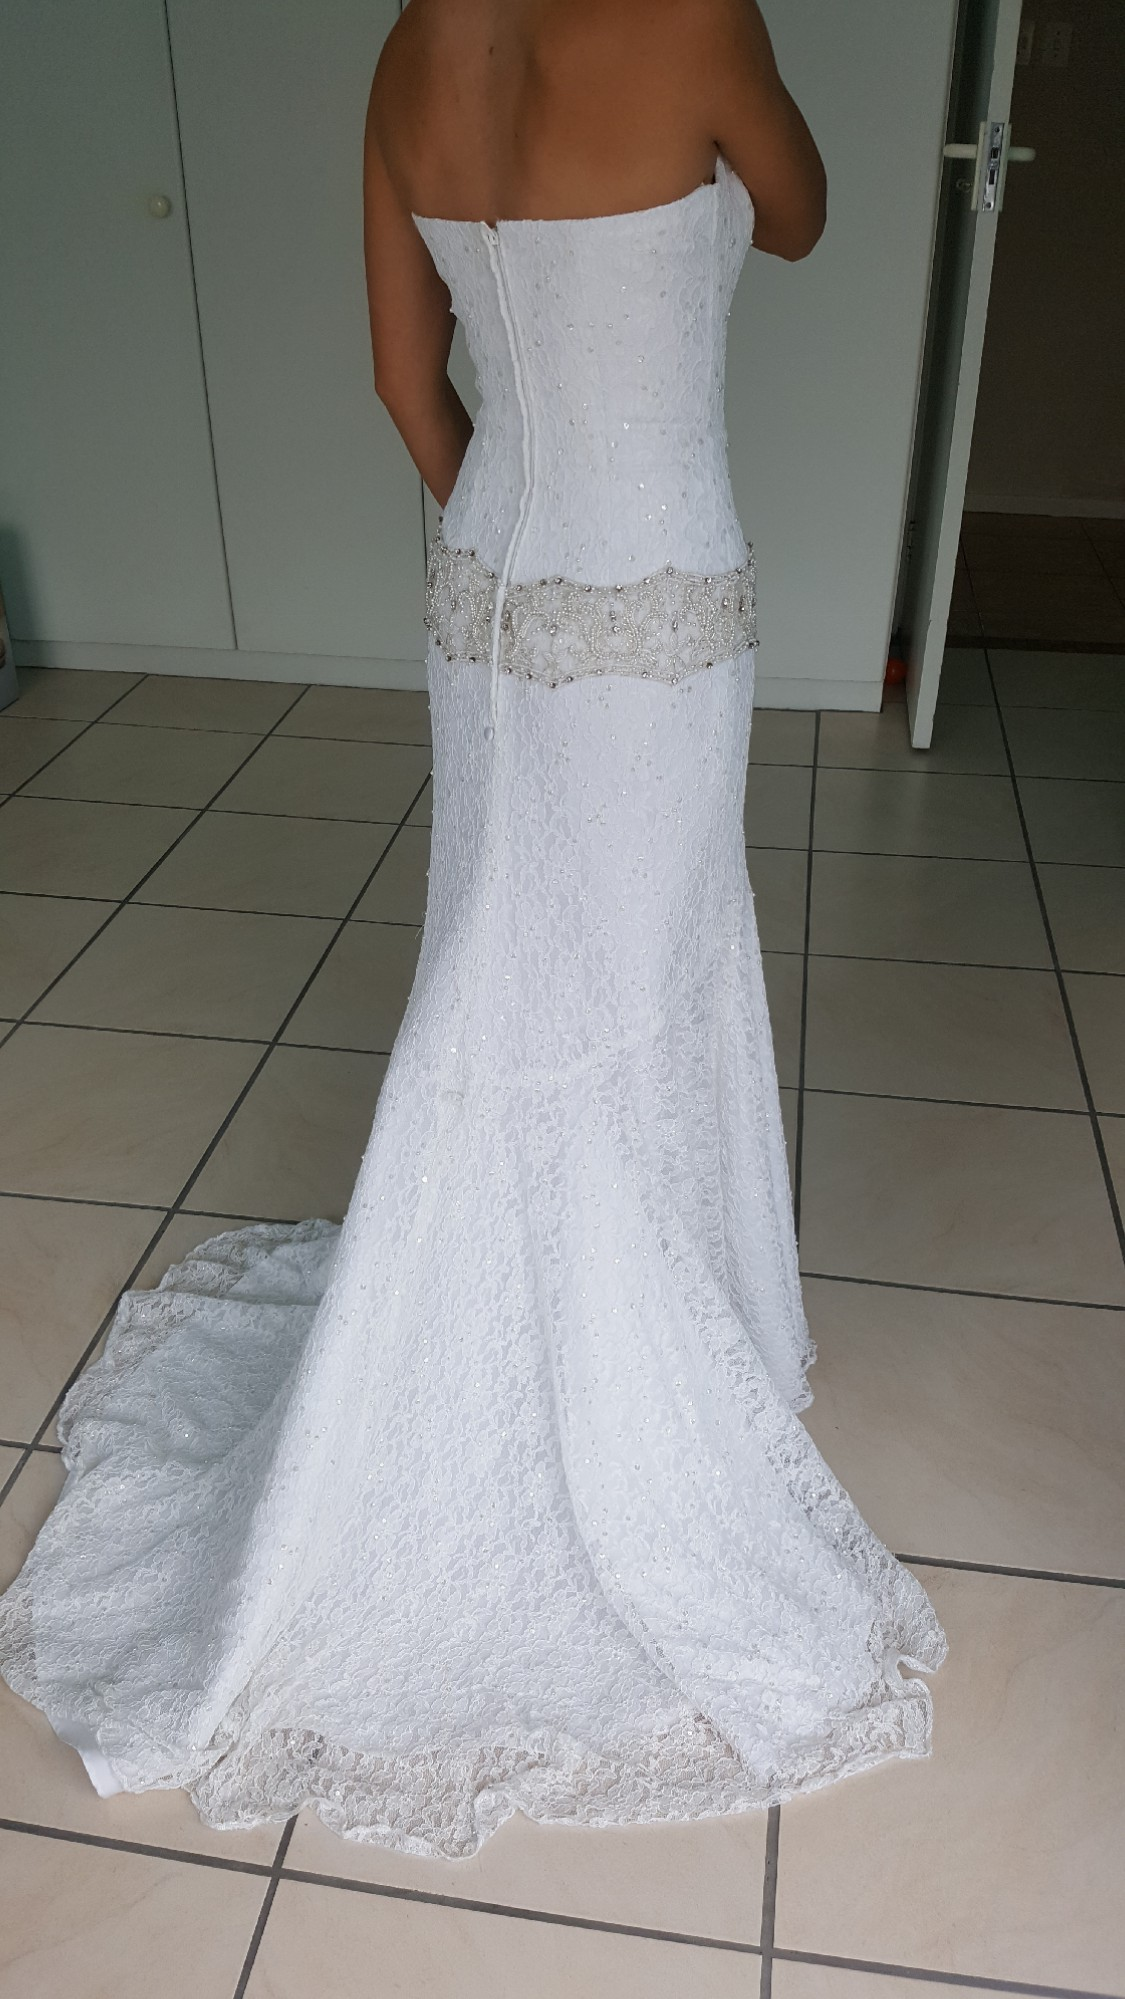 Forever yours new wedding dresses stillwhite for Forever yours wedding dress